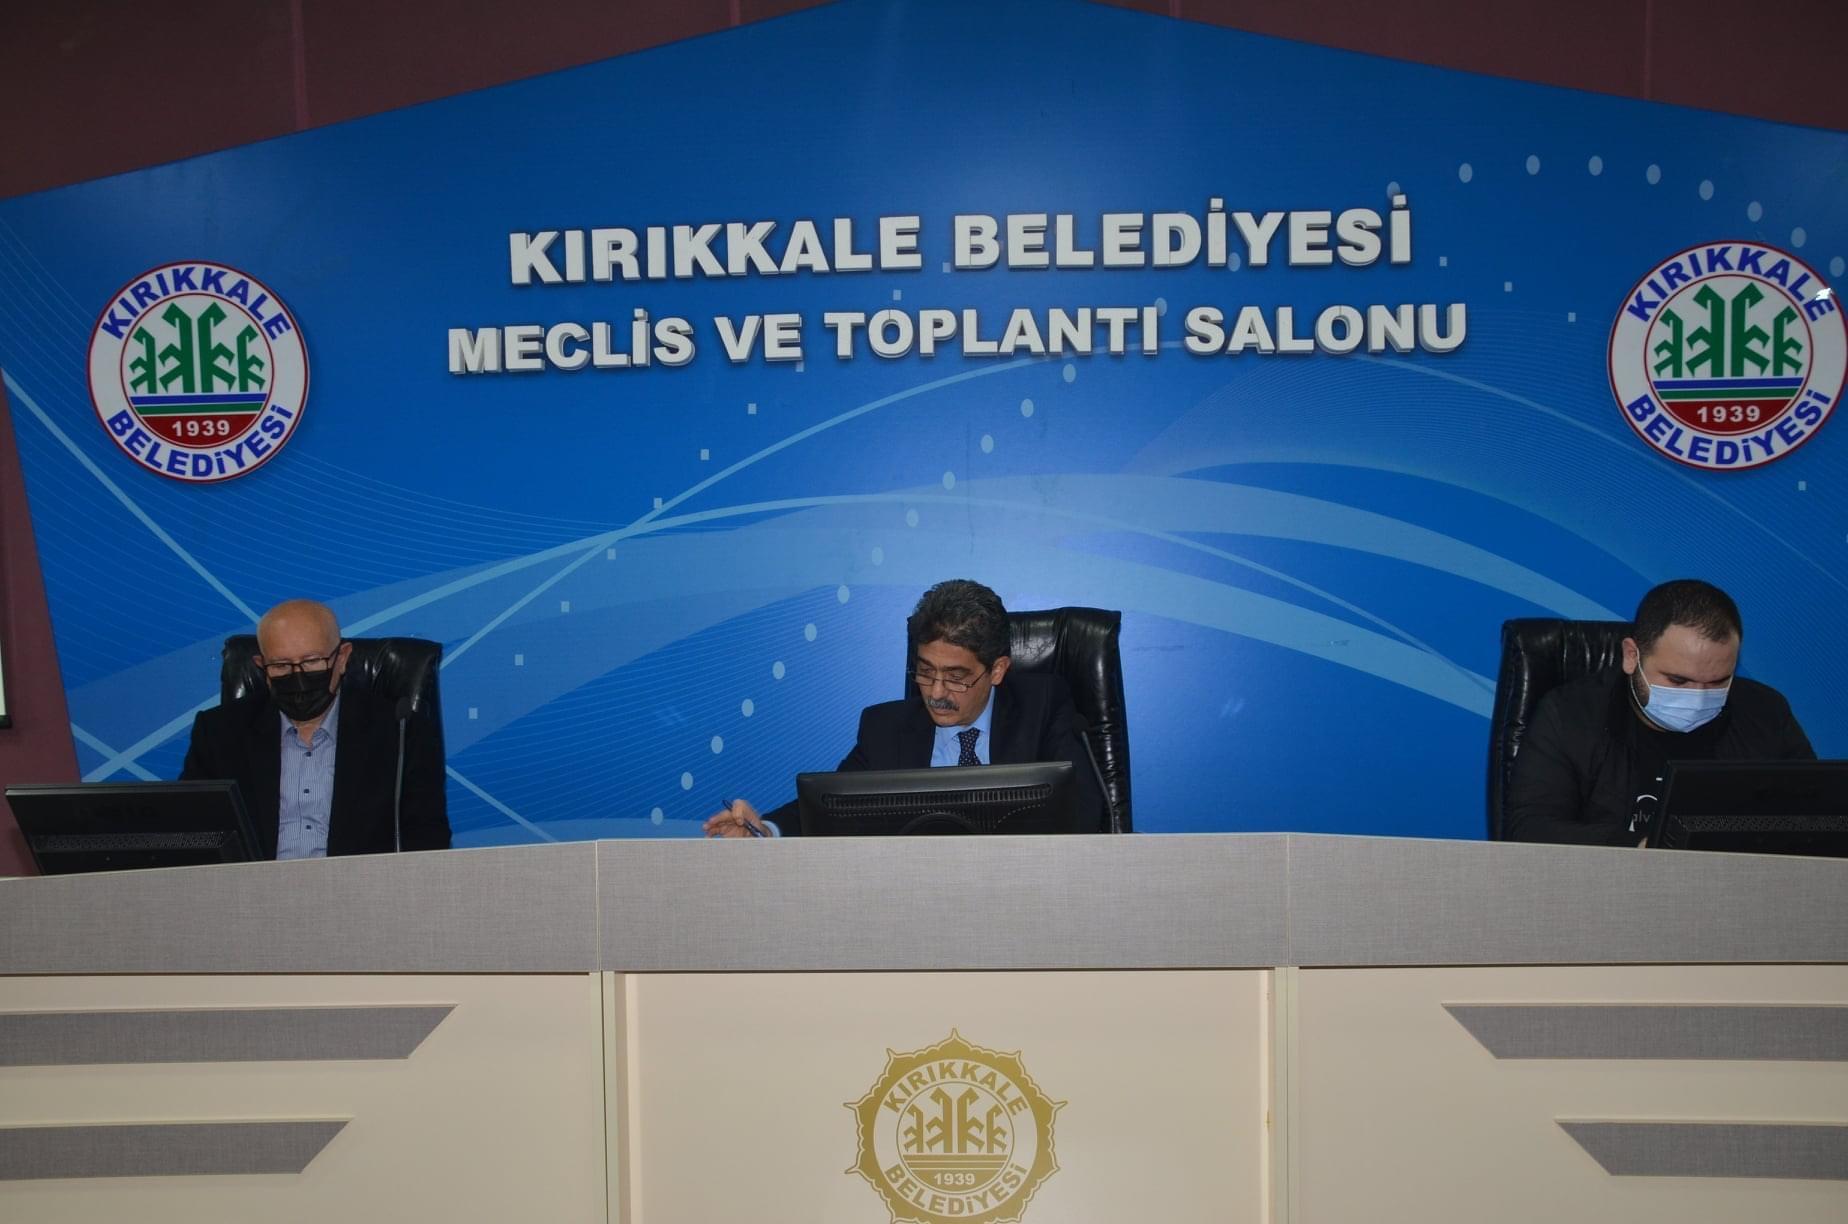 Tarih : 28.04.2021 - Katı Atık  ve Yeşil Vadi Meclis toplantısı gerçekleştirildi